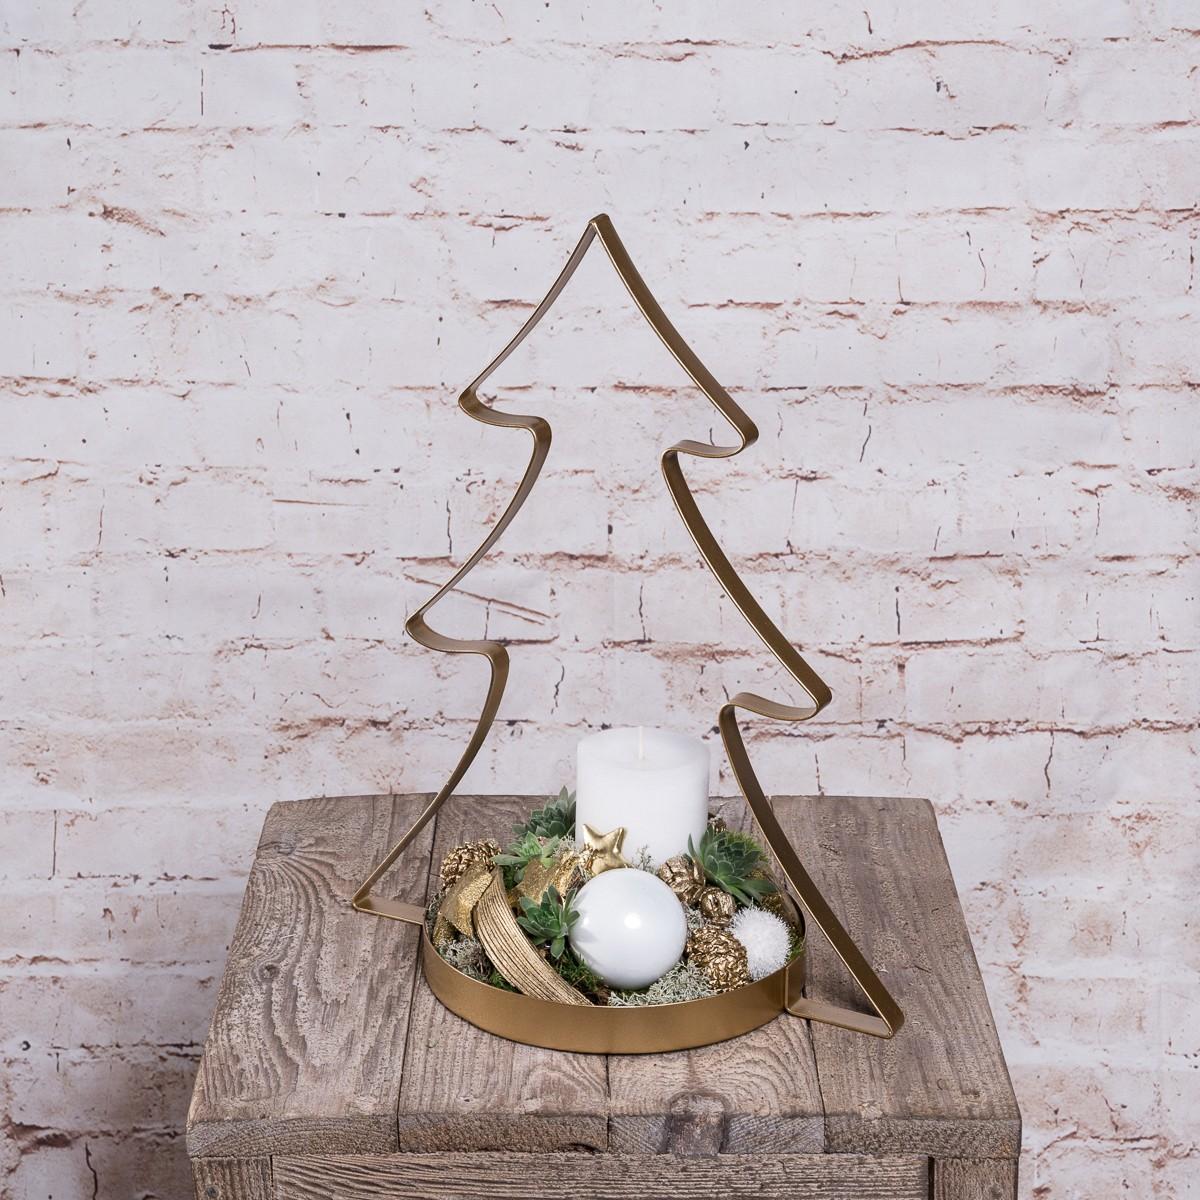 Kleiner Metalltannenbaum Weihnachtlich dekoriert Bild 1